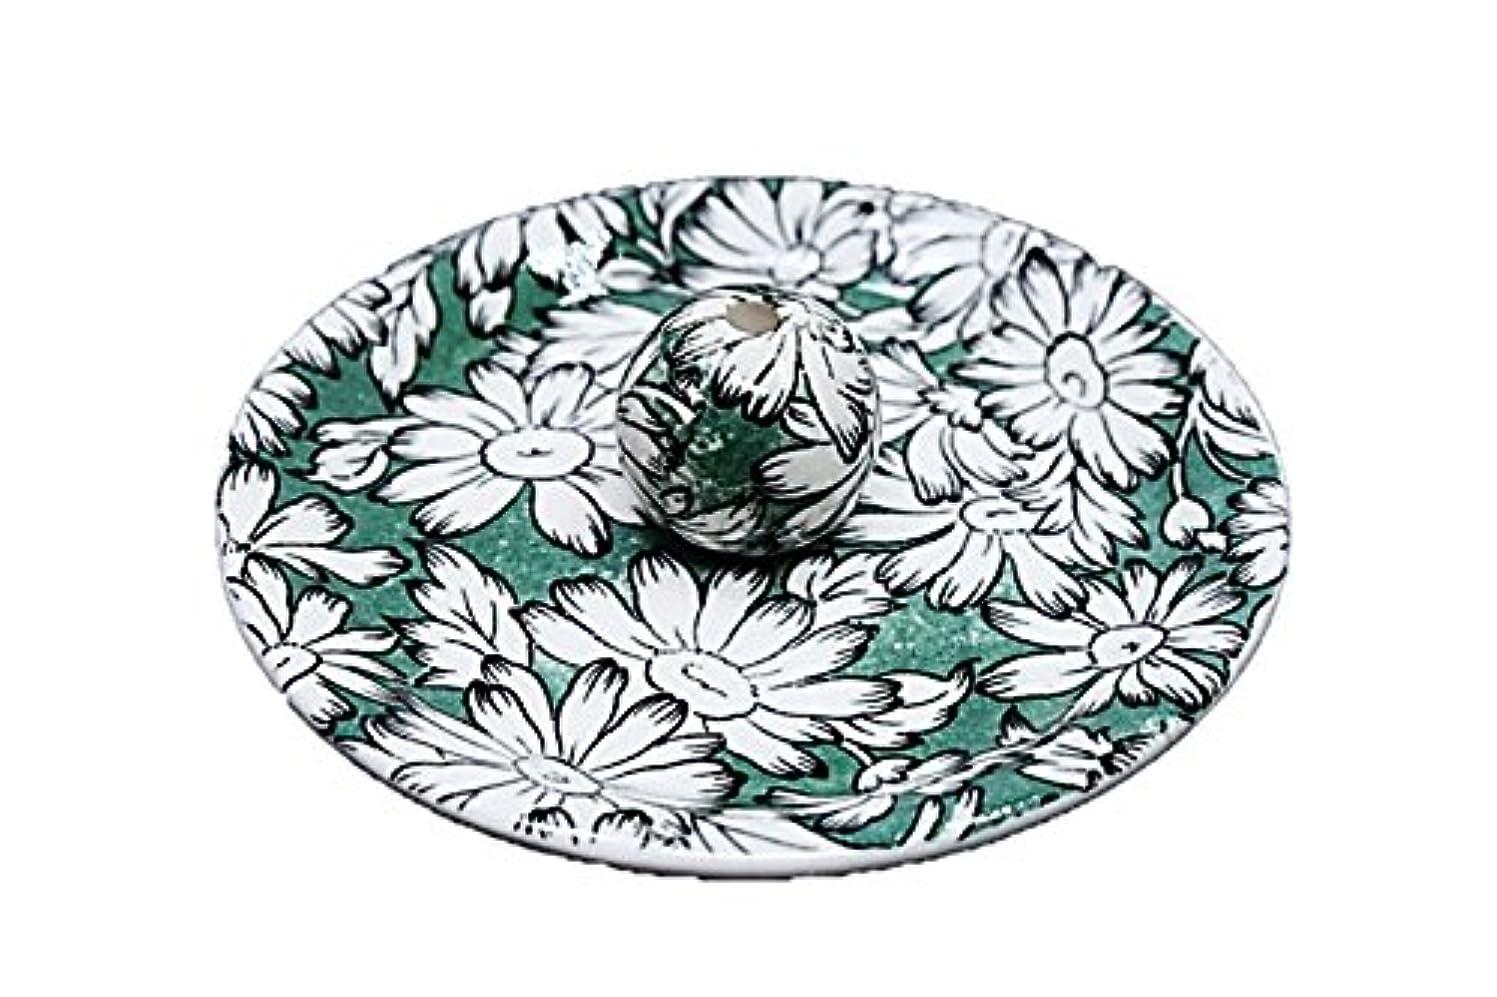 良い宅配便ハイジャック9-10 マーガレットグリーン 9cm香皿 お香立て お香たて 陶器 日本製 製造?直売品